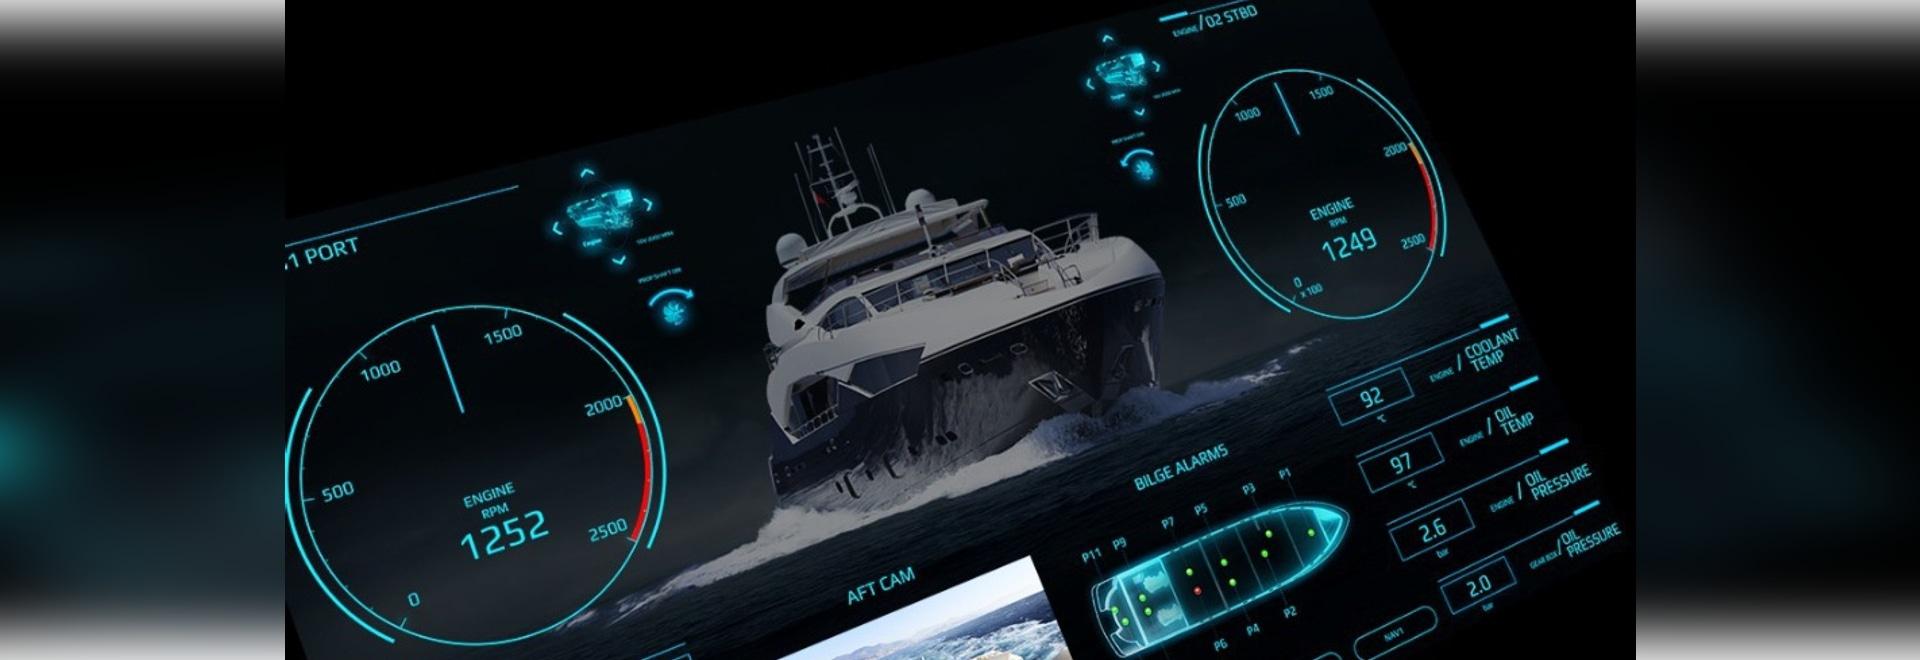 Les systèmes océaniques présente le nouveaux moniteur et système de contrôle